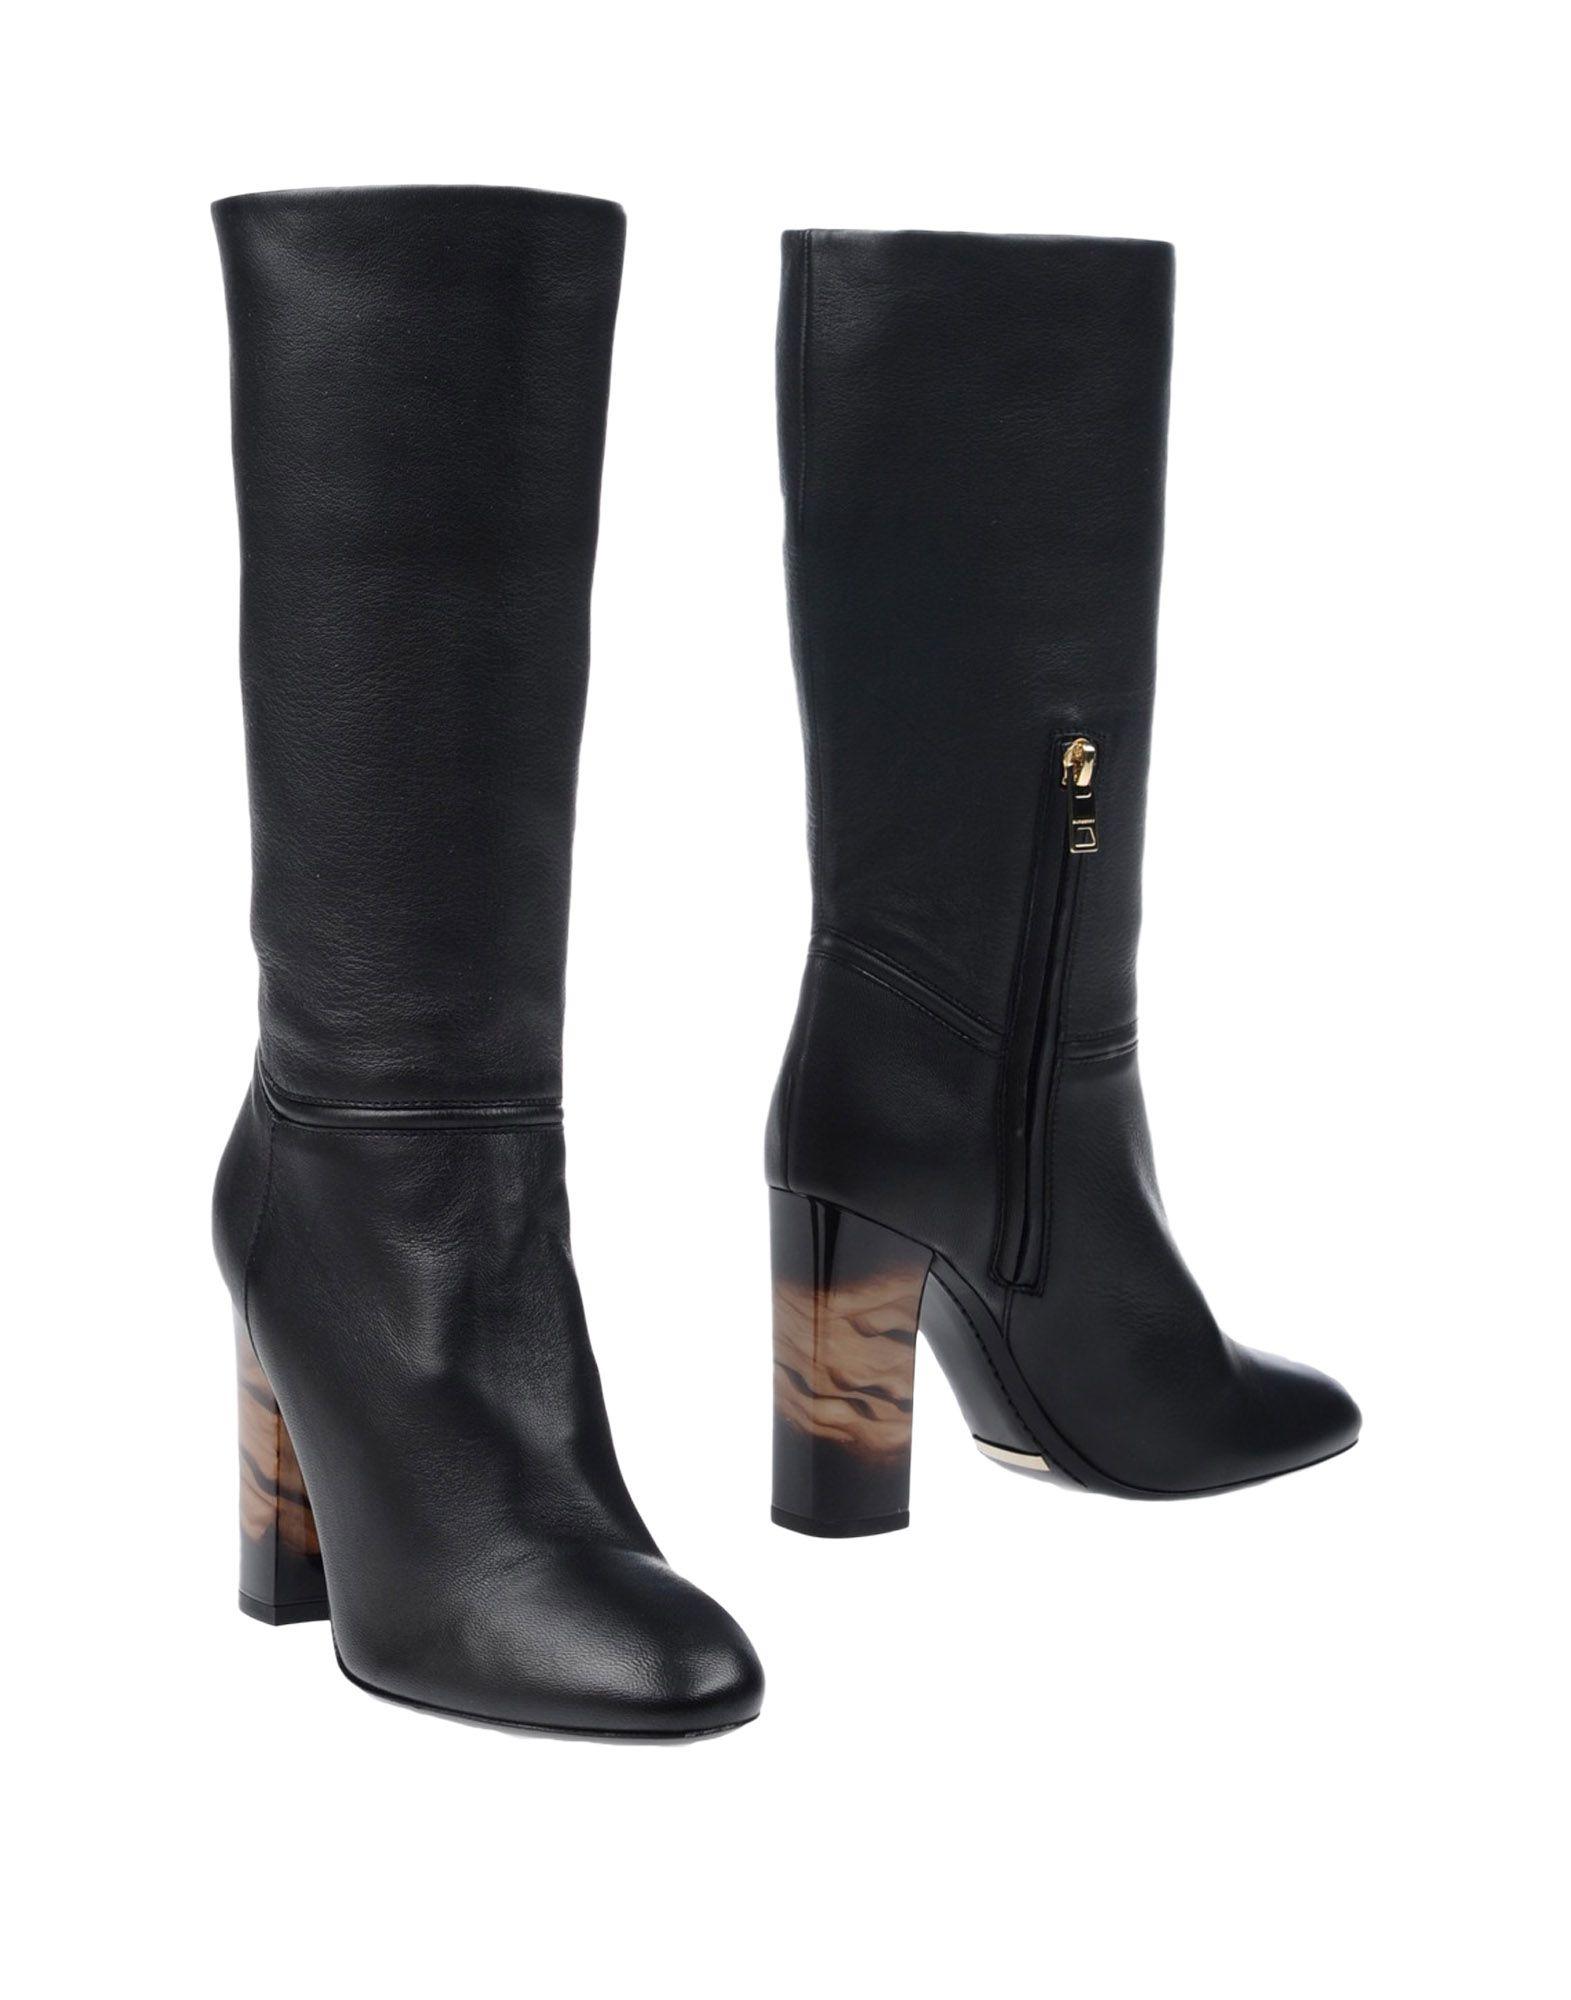 Burberry Stiefel Damen  11269561UJGünstige Schuhe gut aussehende Schuhe 11269561UJGünstige d401c0